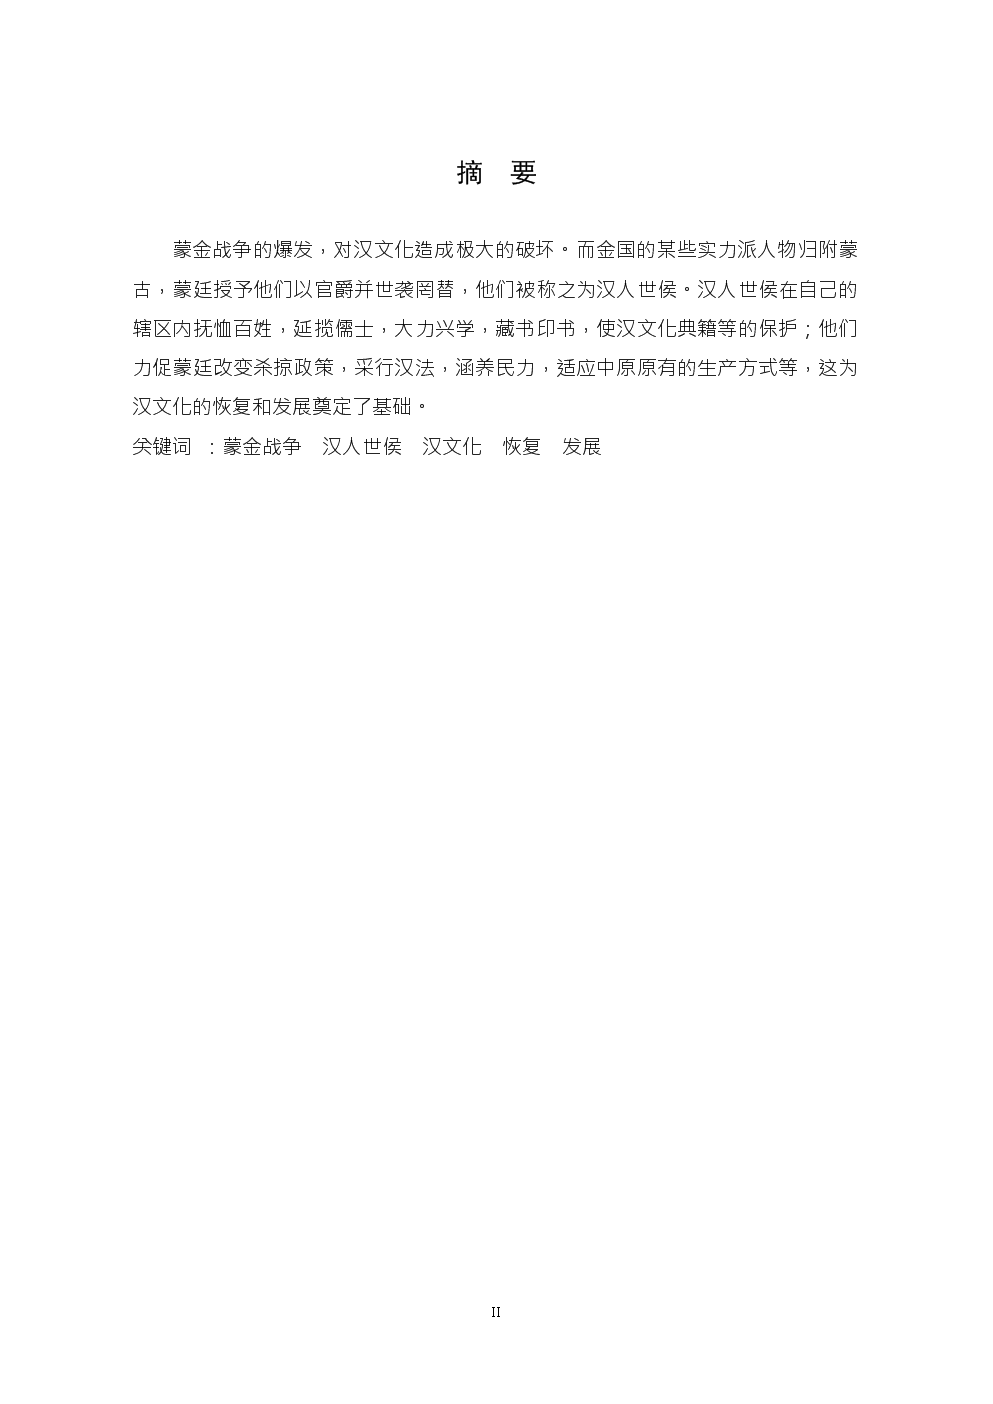 金元之际汉人世侯对汉文化的保护和传承-中国古代史专业论文.docx